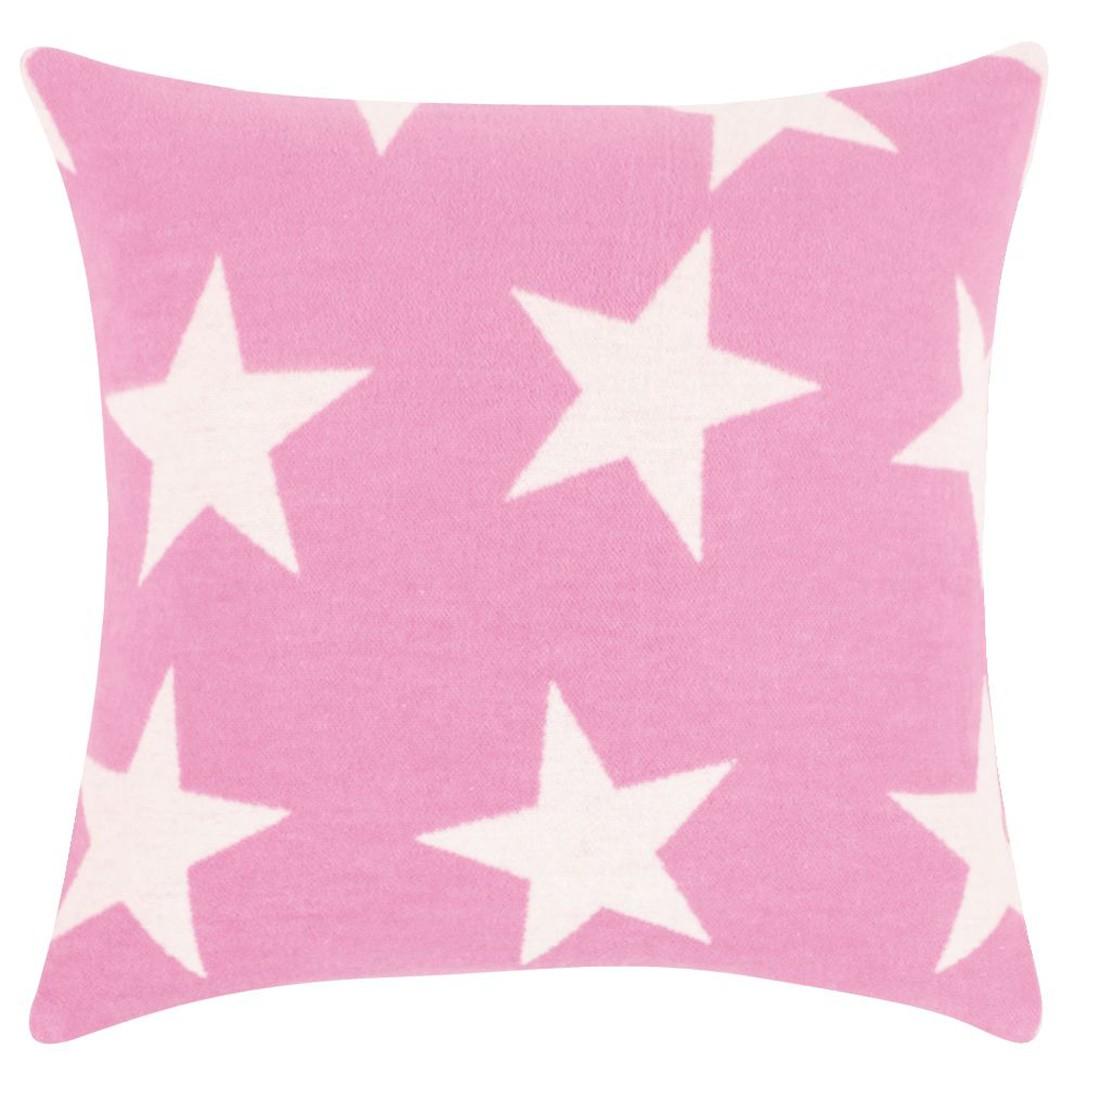 pad kissenh lle star 50 x 50 cm pink. Black Bedroom Furniture Sets. Home Design Ideas